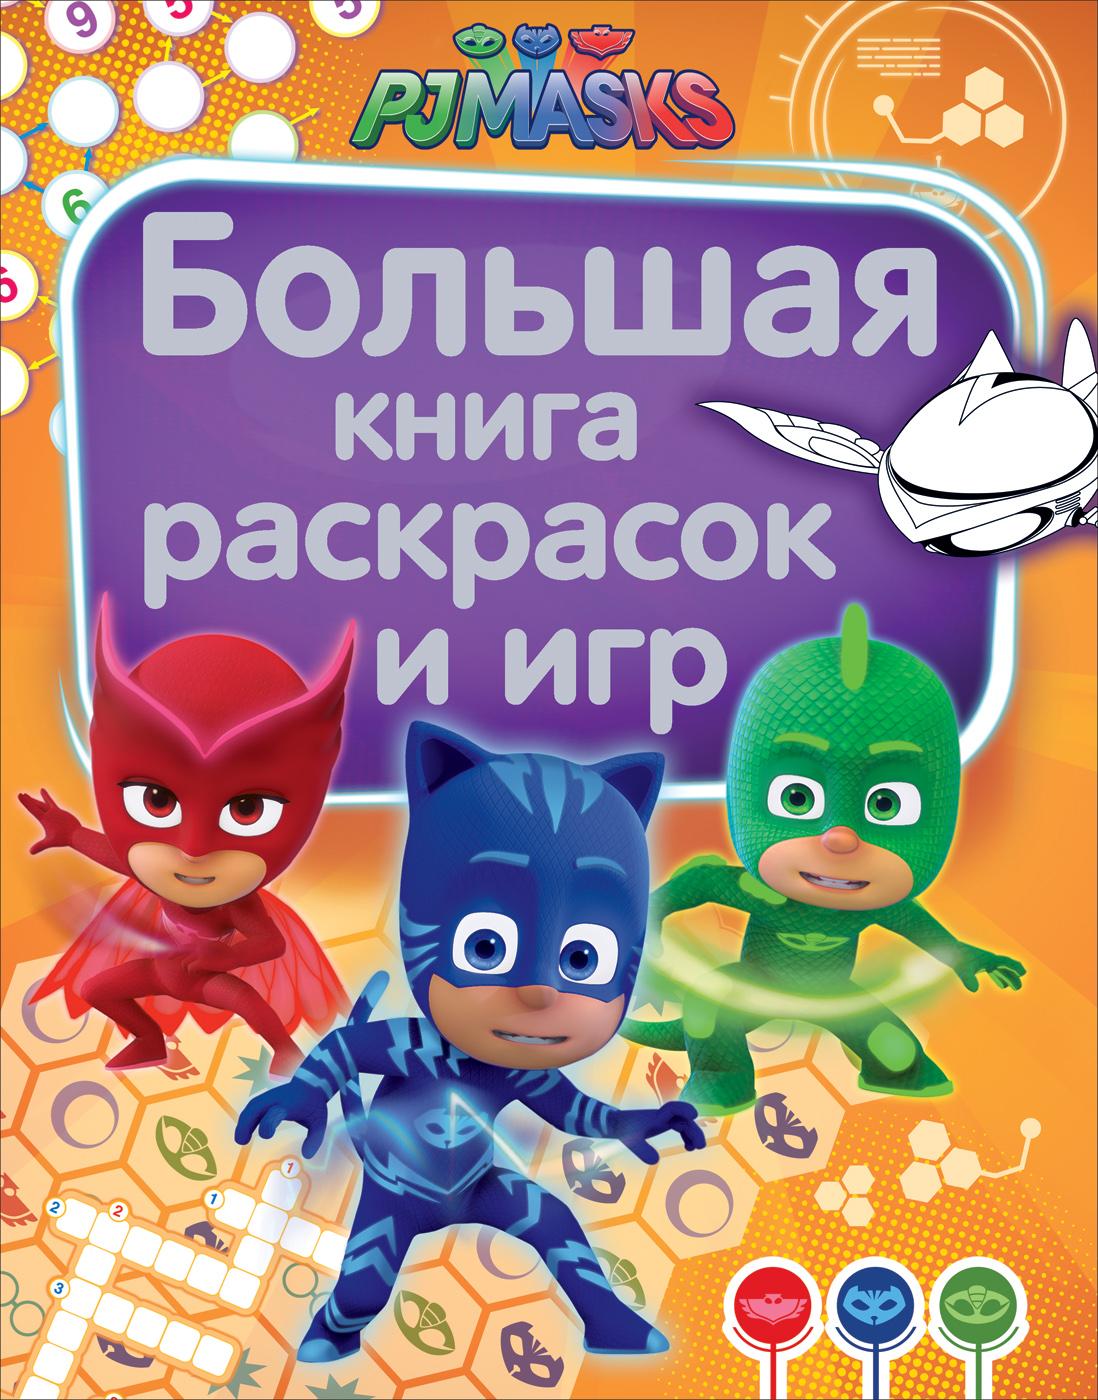 Котятова Н. И. Герои в масках. Большая книга раскрасок и игр